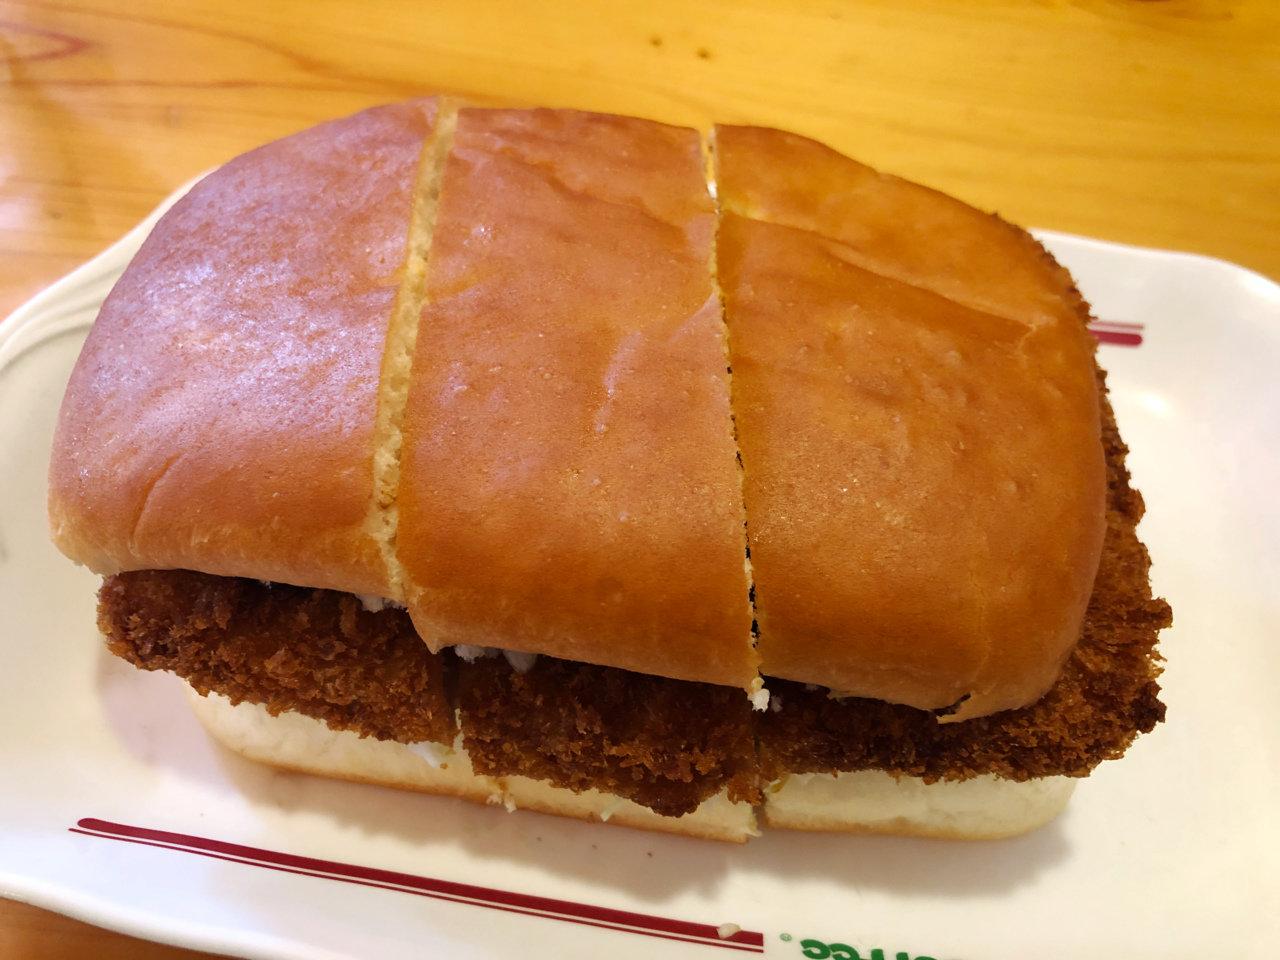 気軽に食べに行けるローカル飯。名古屋の味をパンで挟んだコメダ珈琲店の「みそカツパン」